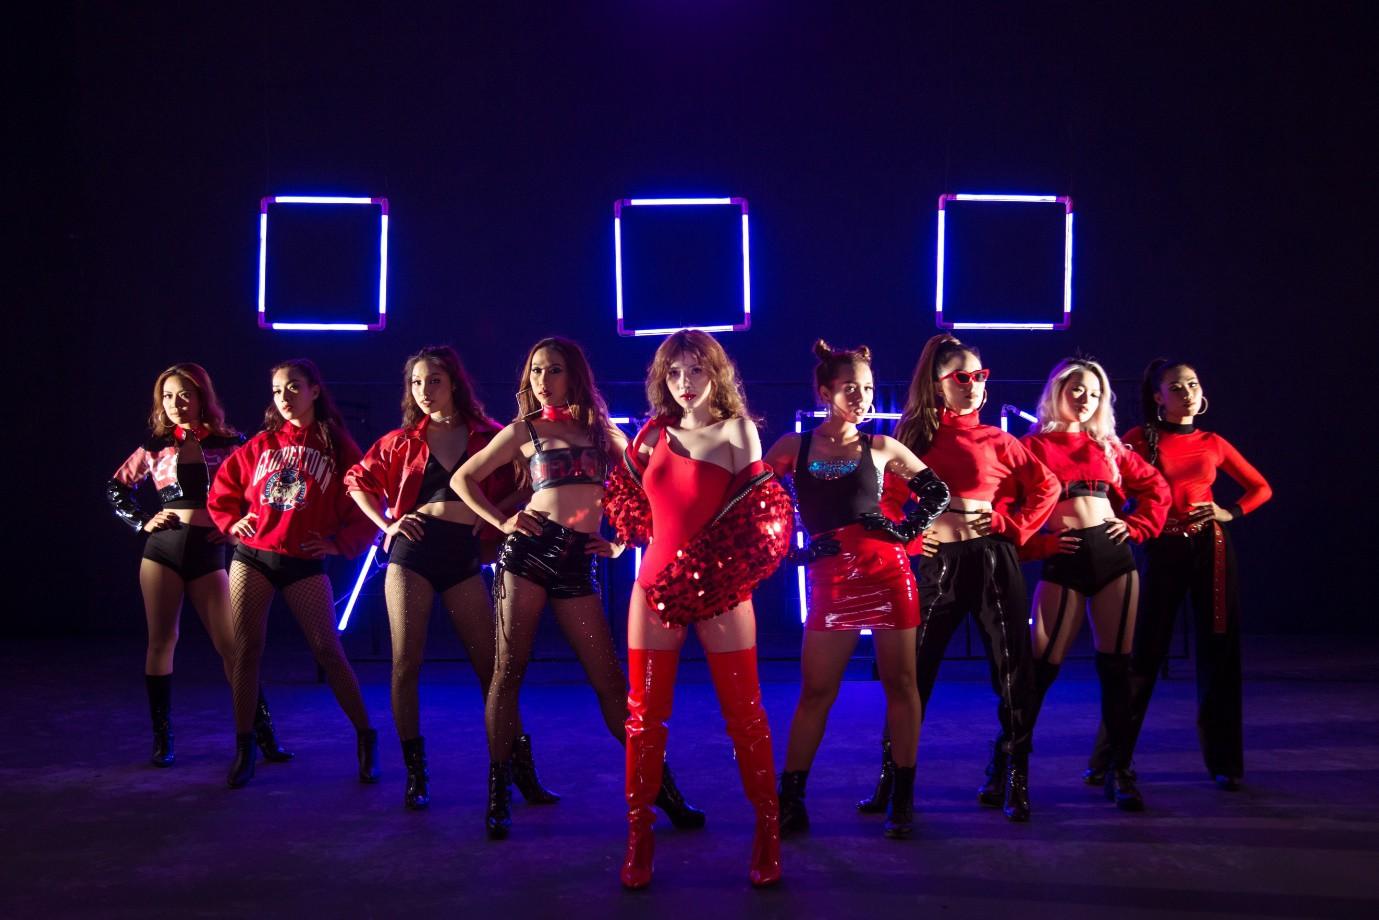 Tân binh Vpop vừa ra mắt đã có MV triệu views sau 24h phát hành - Ảnh 4.